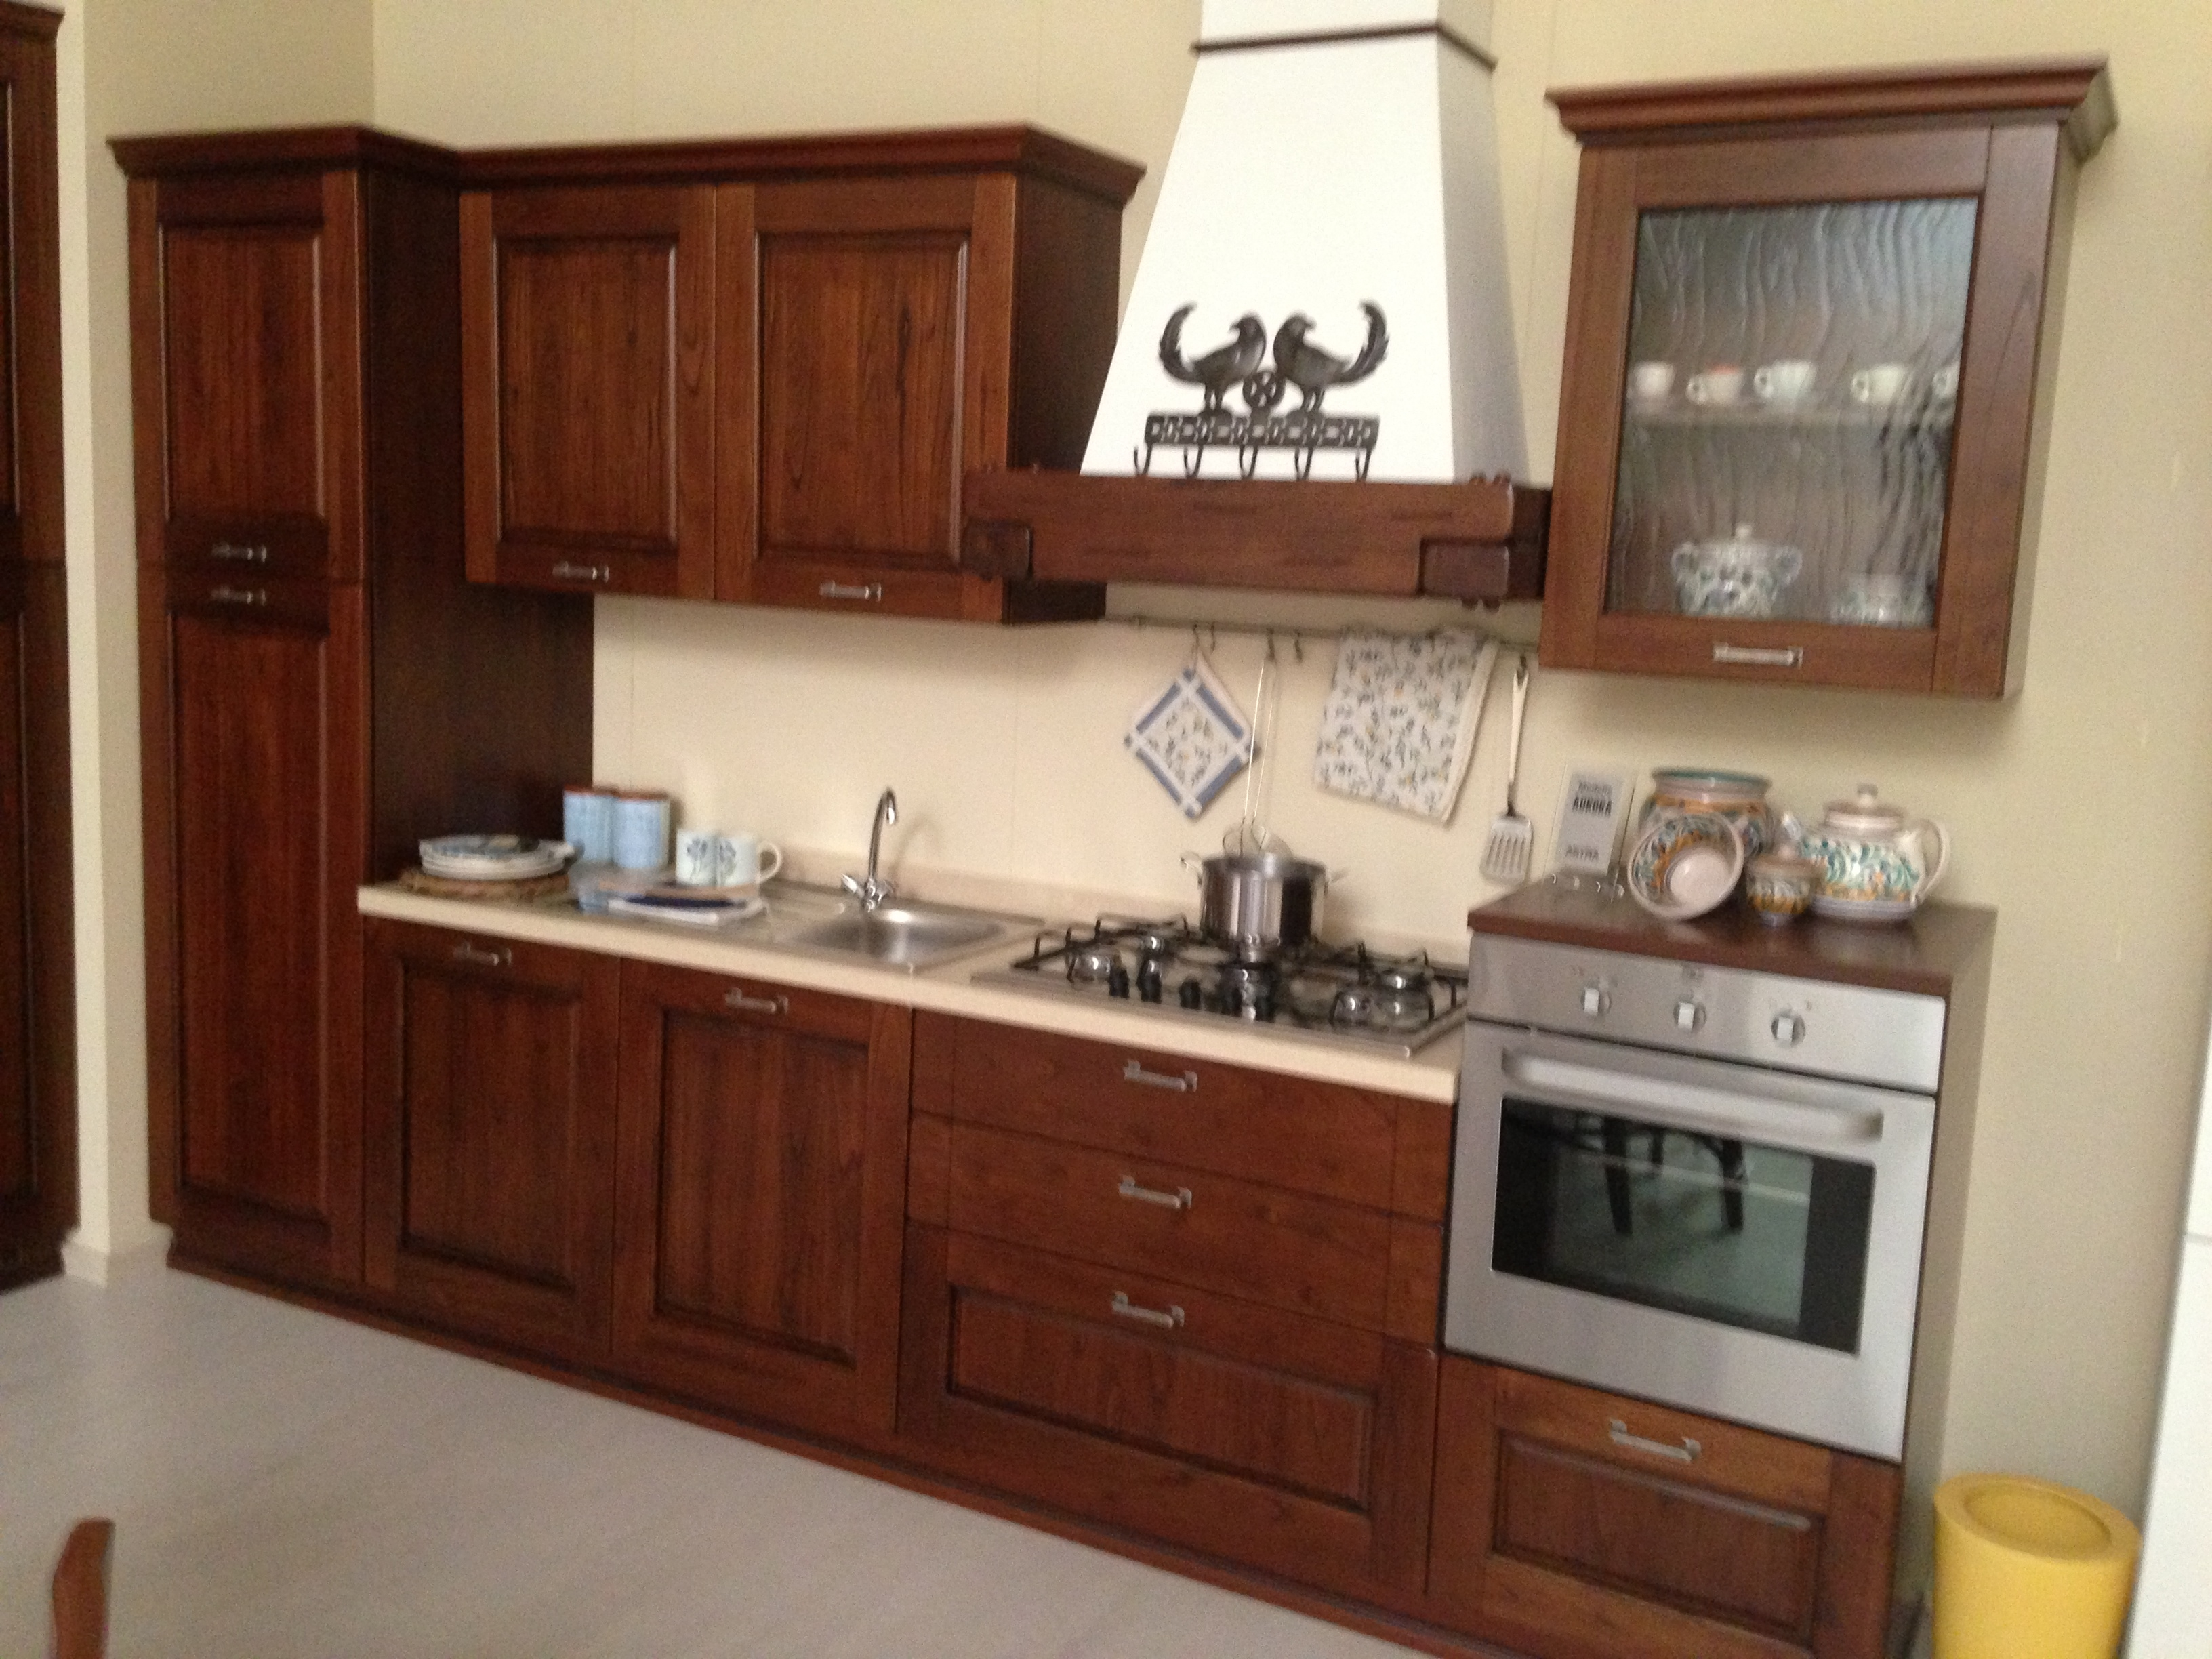 Cool parete cucina vovellcom pittura moderna per camera da - Vernici lavabili per cucina ...